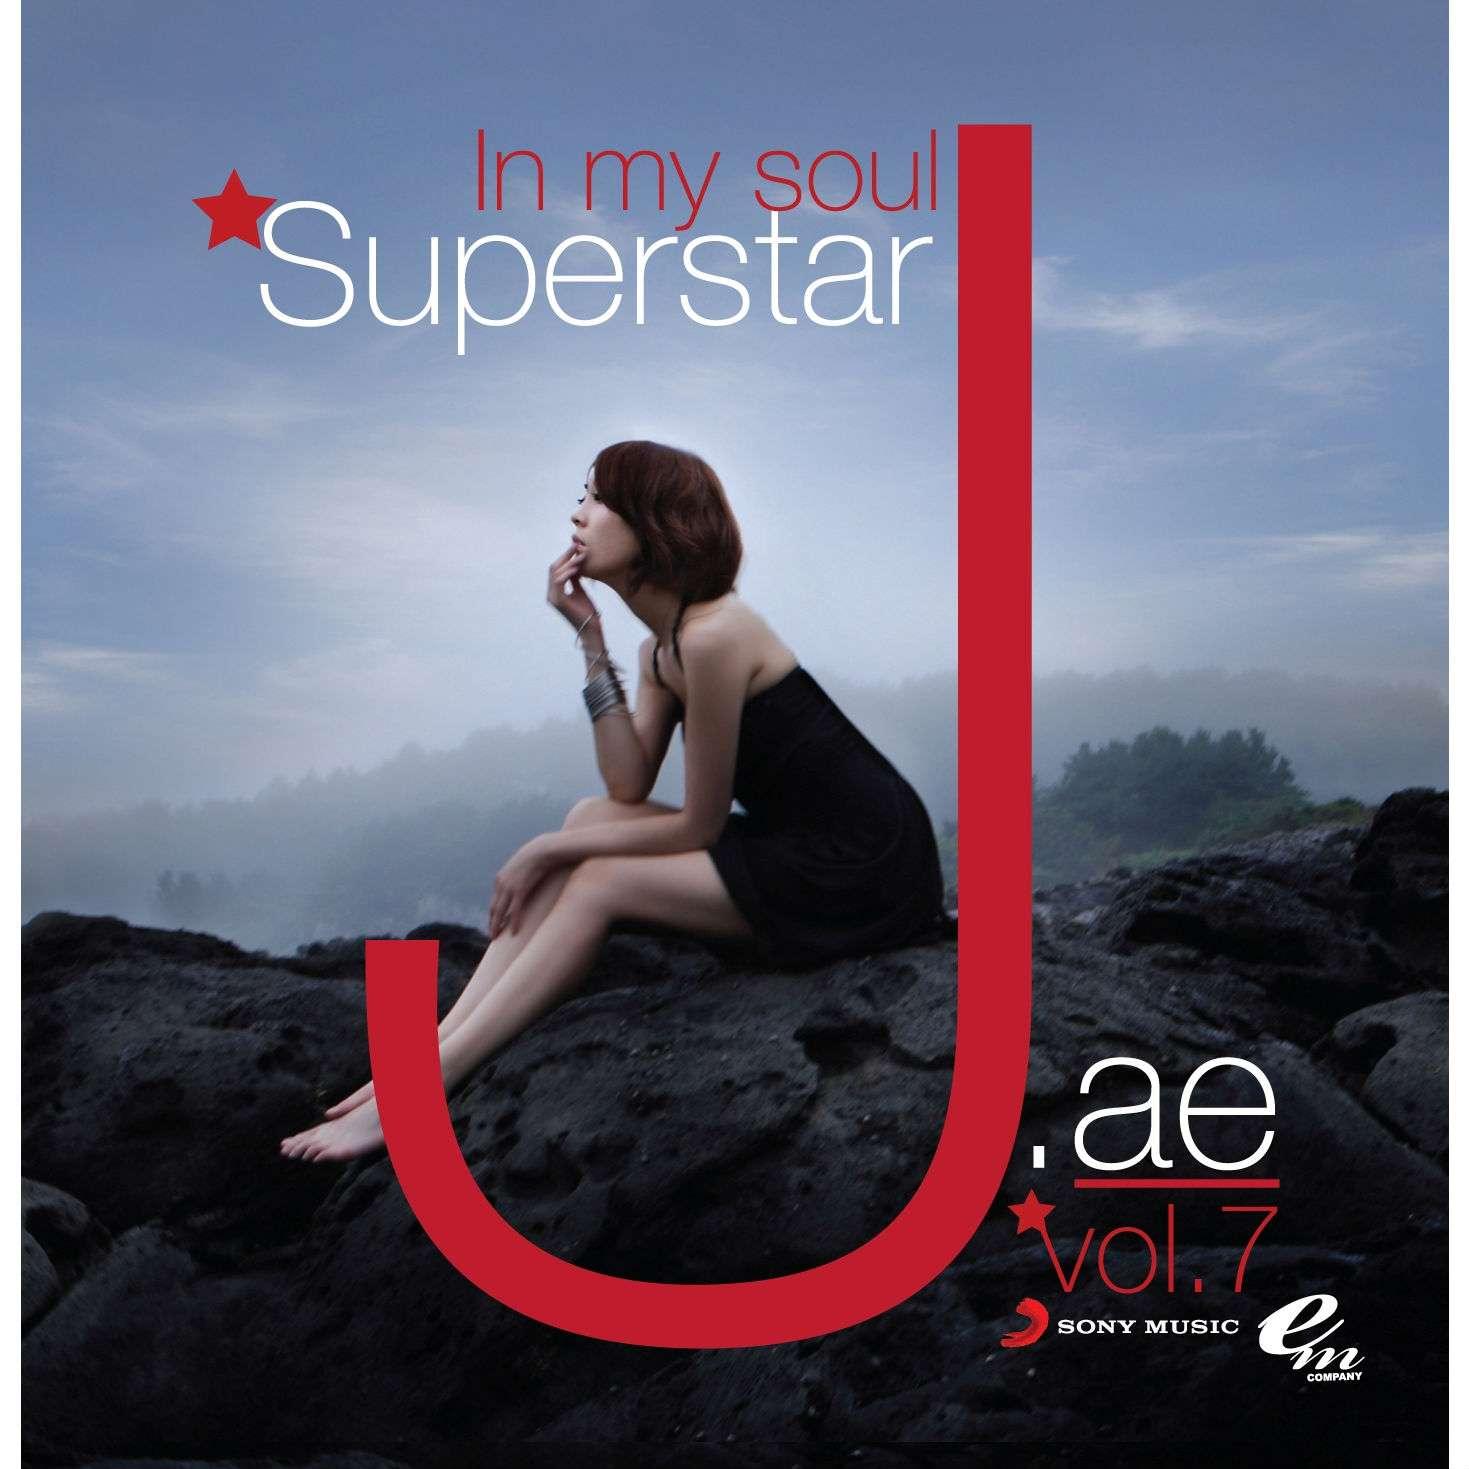 J.ae Vol.7 - Super Star Cover